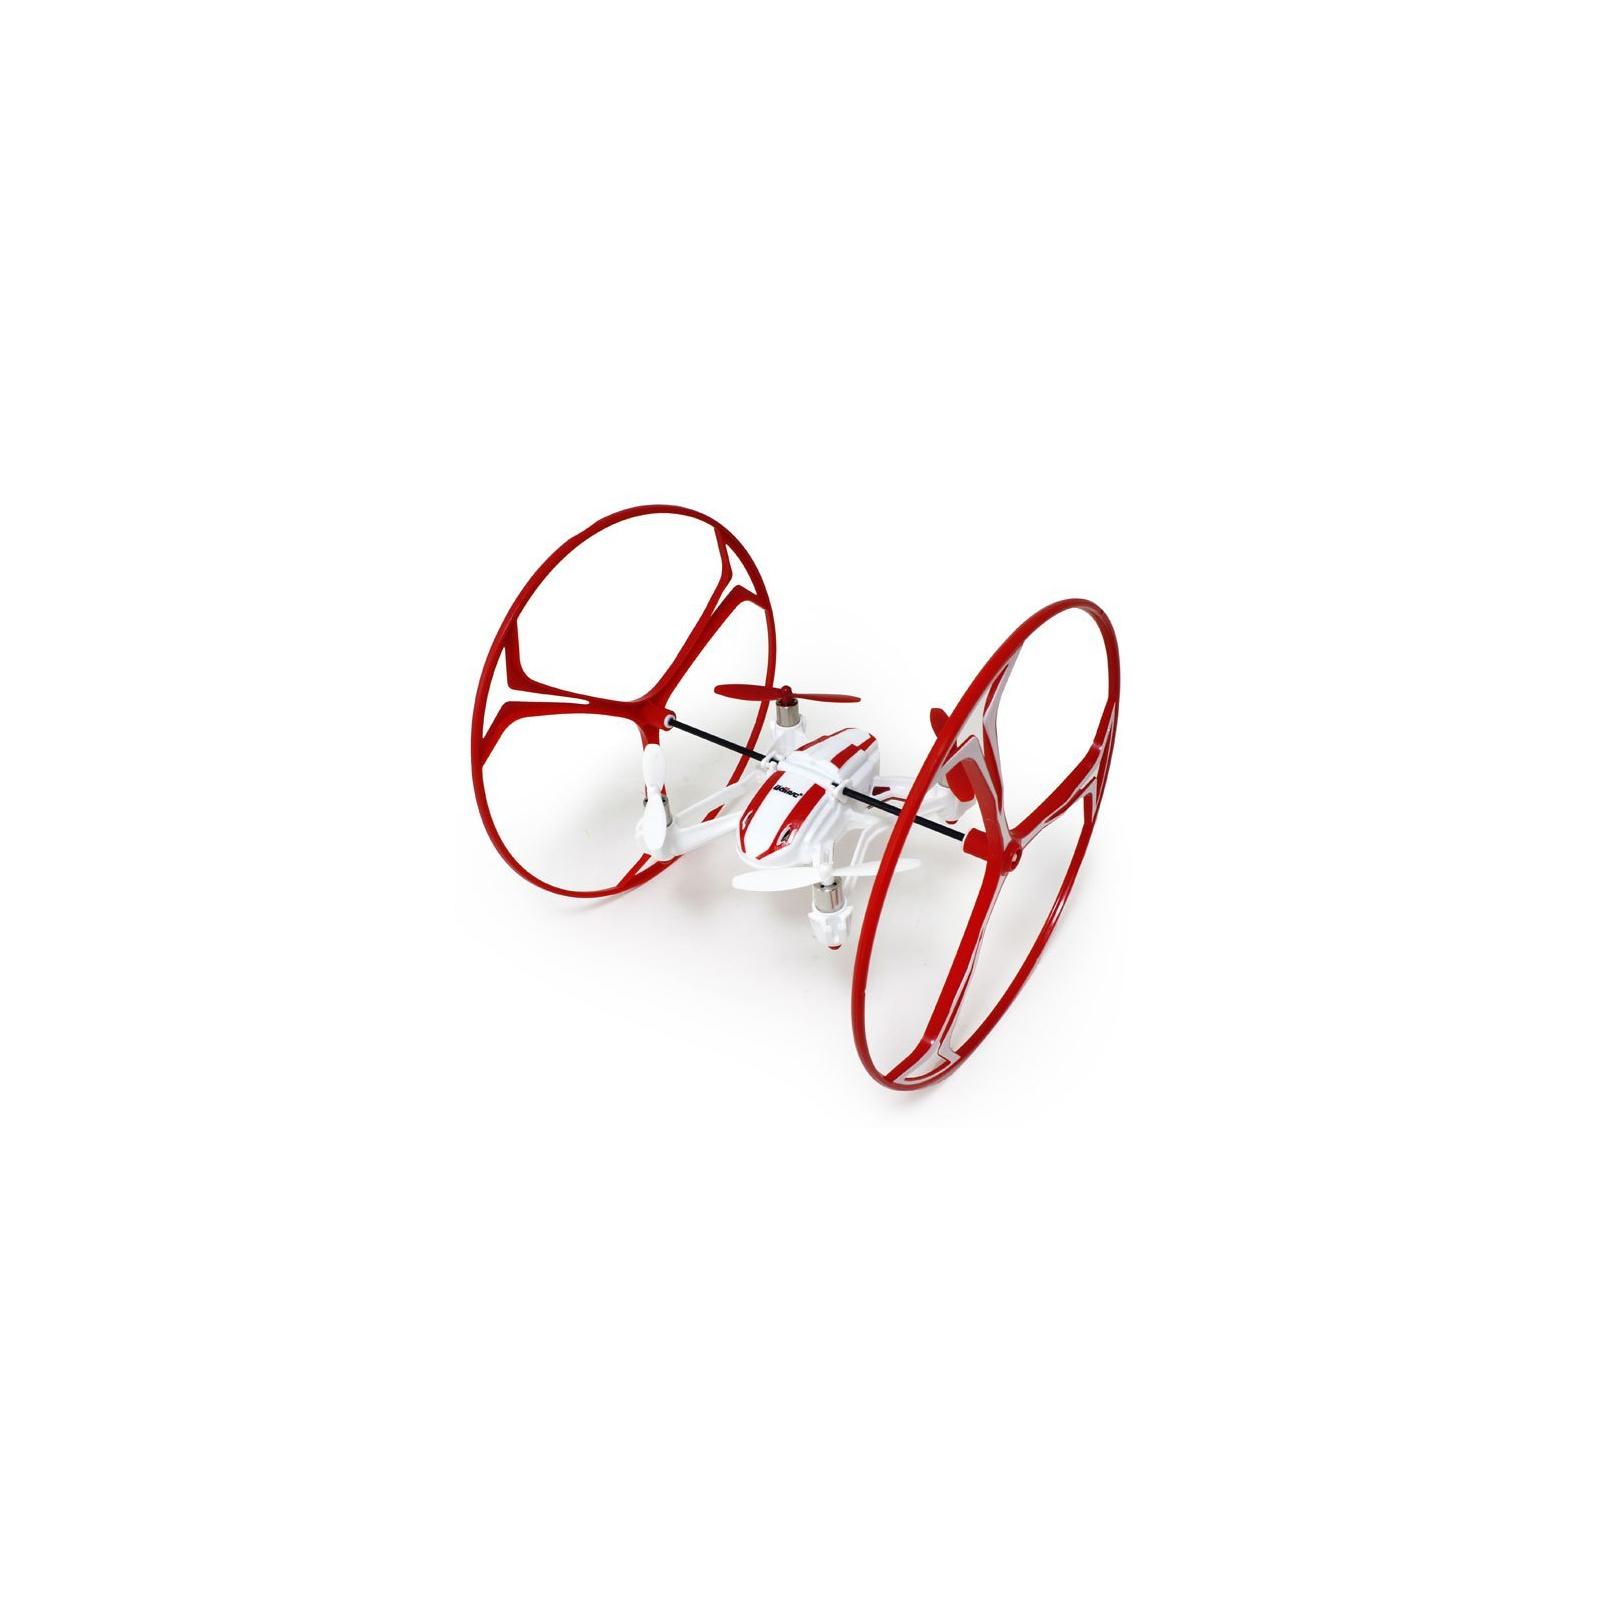 Квадрокоптер UDIRC U841 NANO RX4 3-в-1 125 мм HD камера (U841 Red) изображение 3